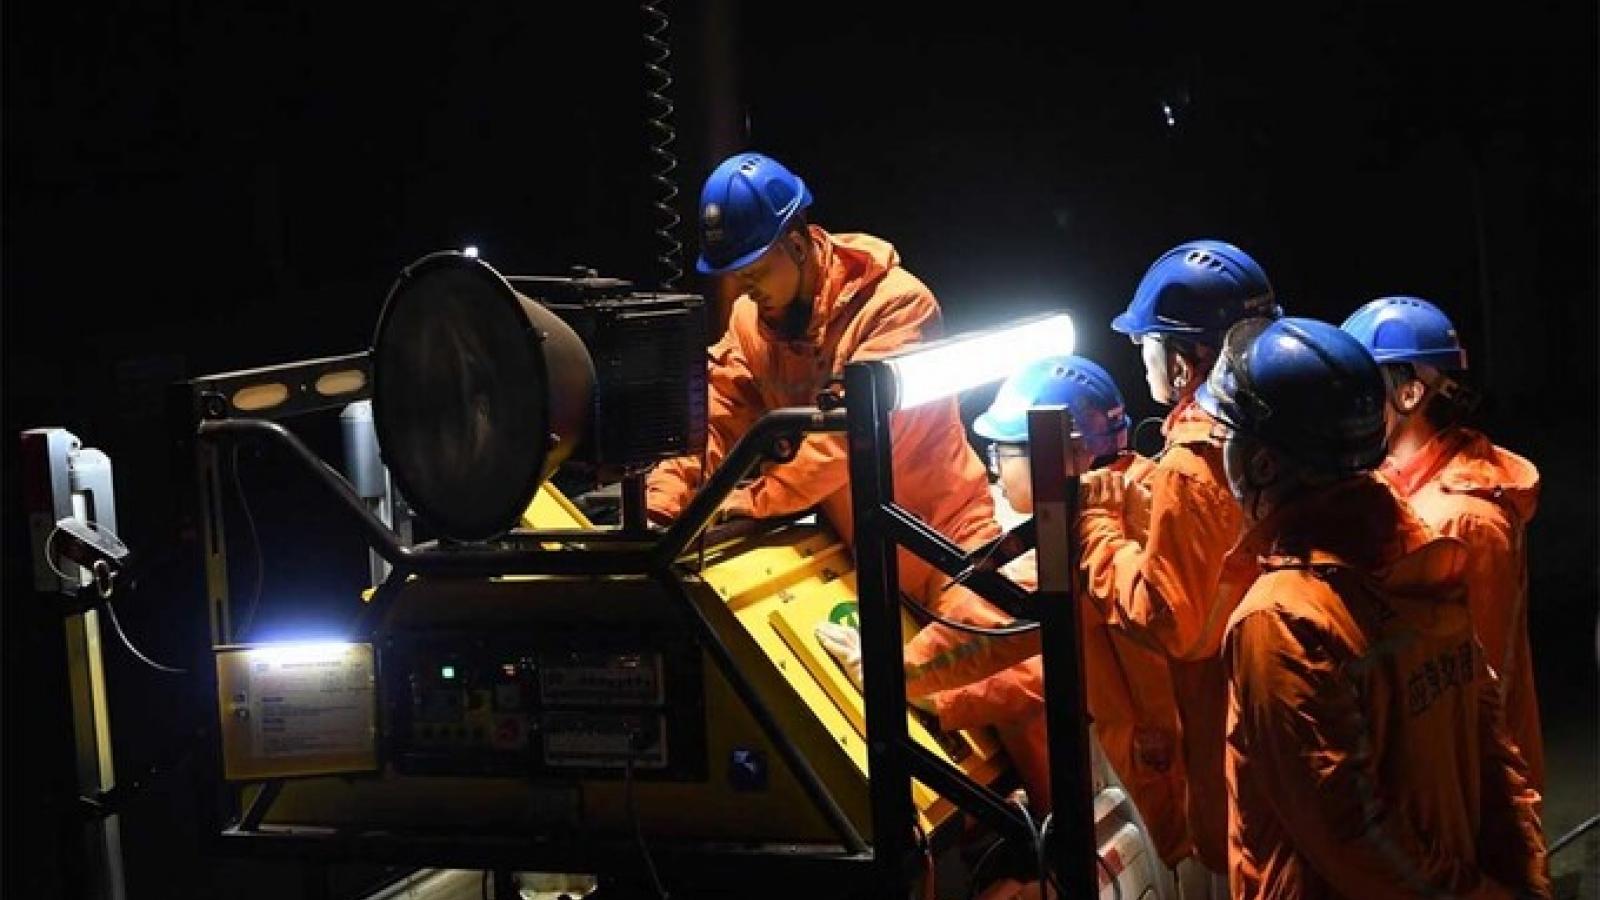 Rò khí CO, 18 thợ mỏ thiệt mạng, 5 người còn mất tích